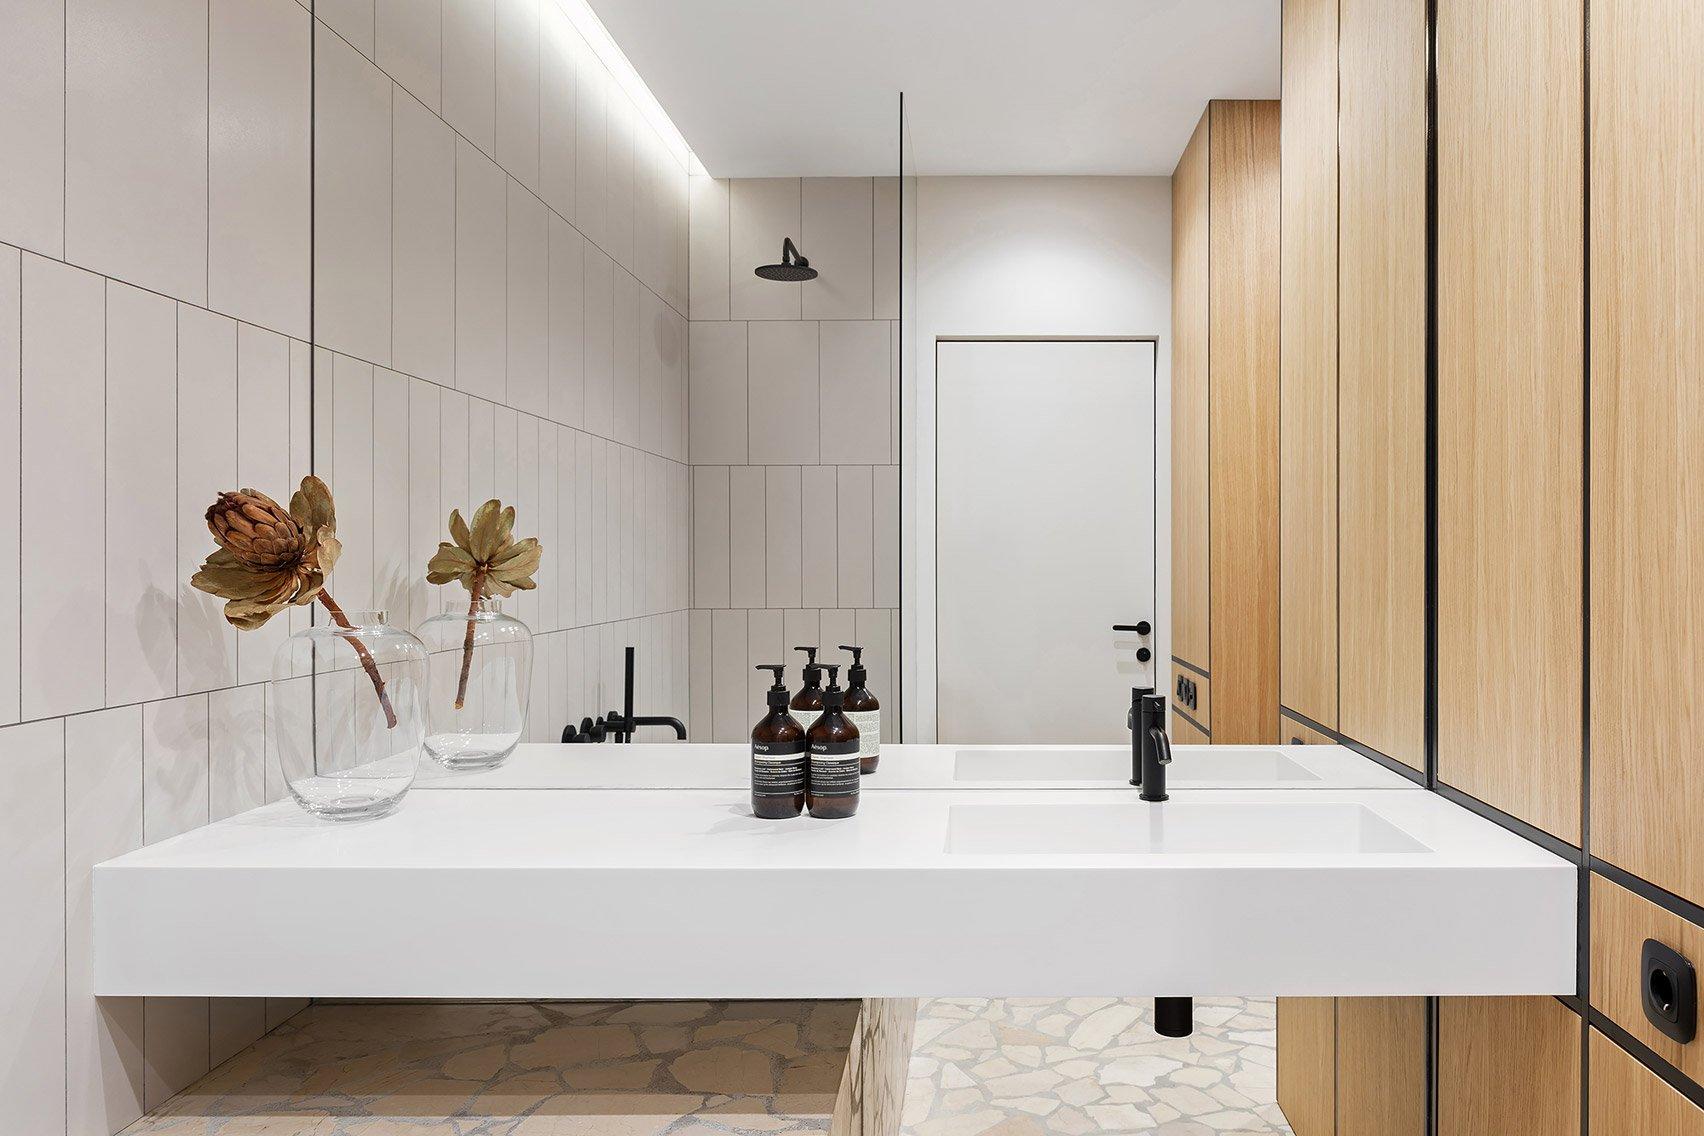 butas Egr-apartment-ater-architects-kyiv-ukraine-architecture_dezeen_1704_col_26